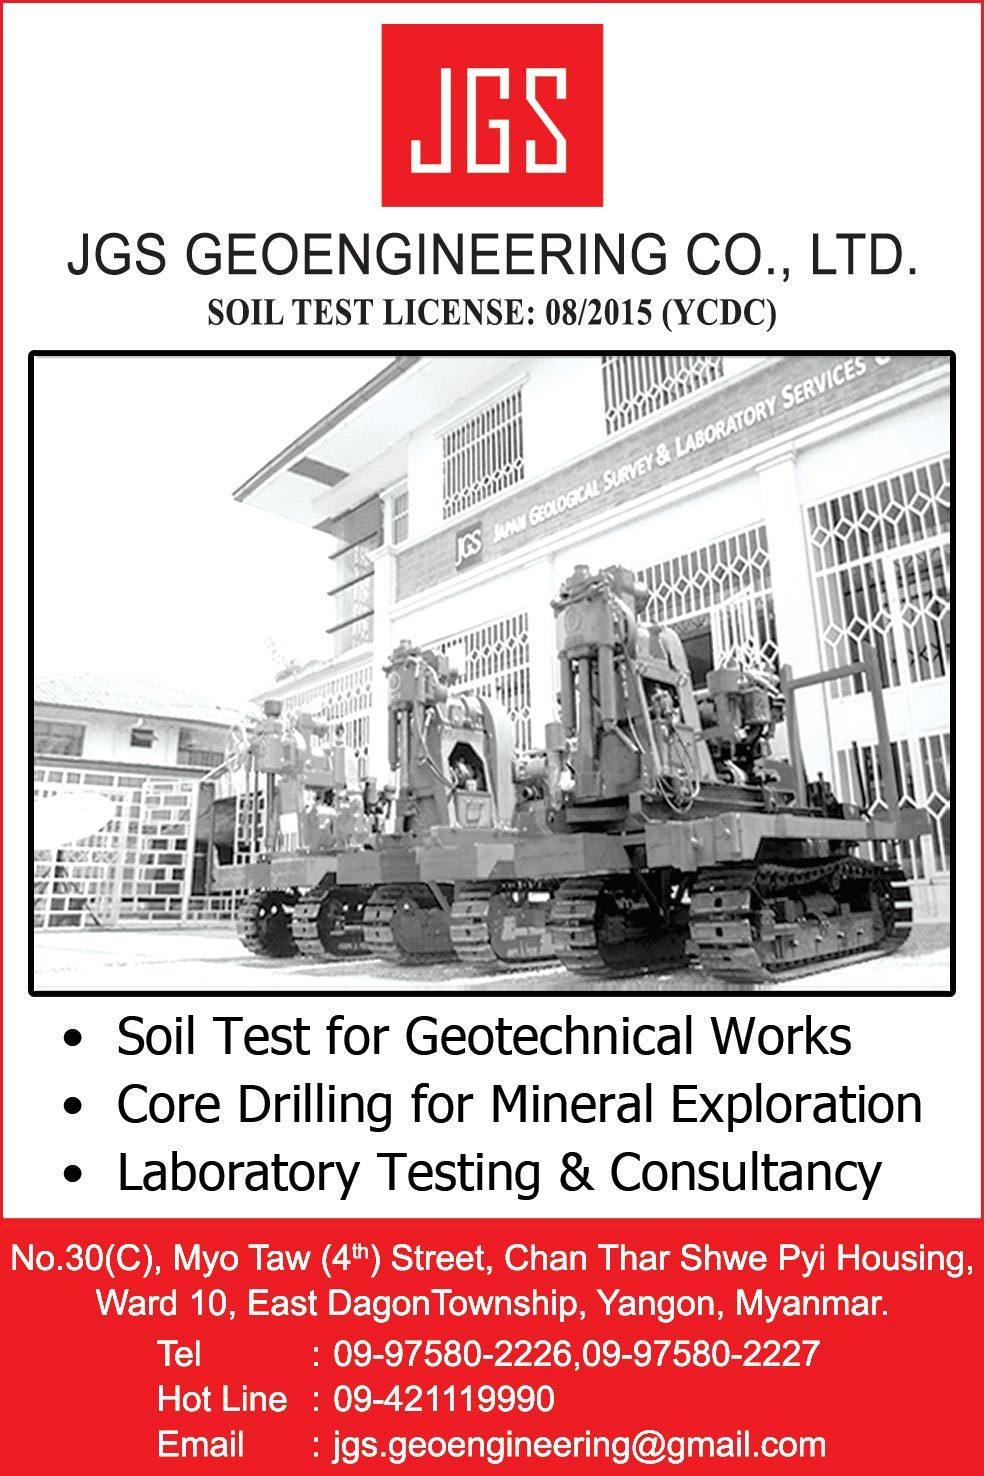 JGS-Geoengineering-Co-Ltd_Soil-Test-Services_(B)_3587.jpg